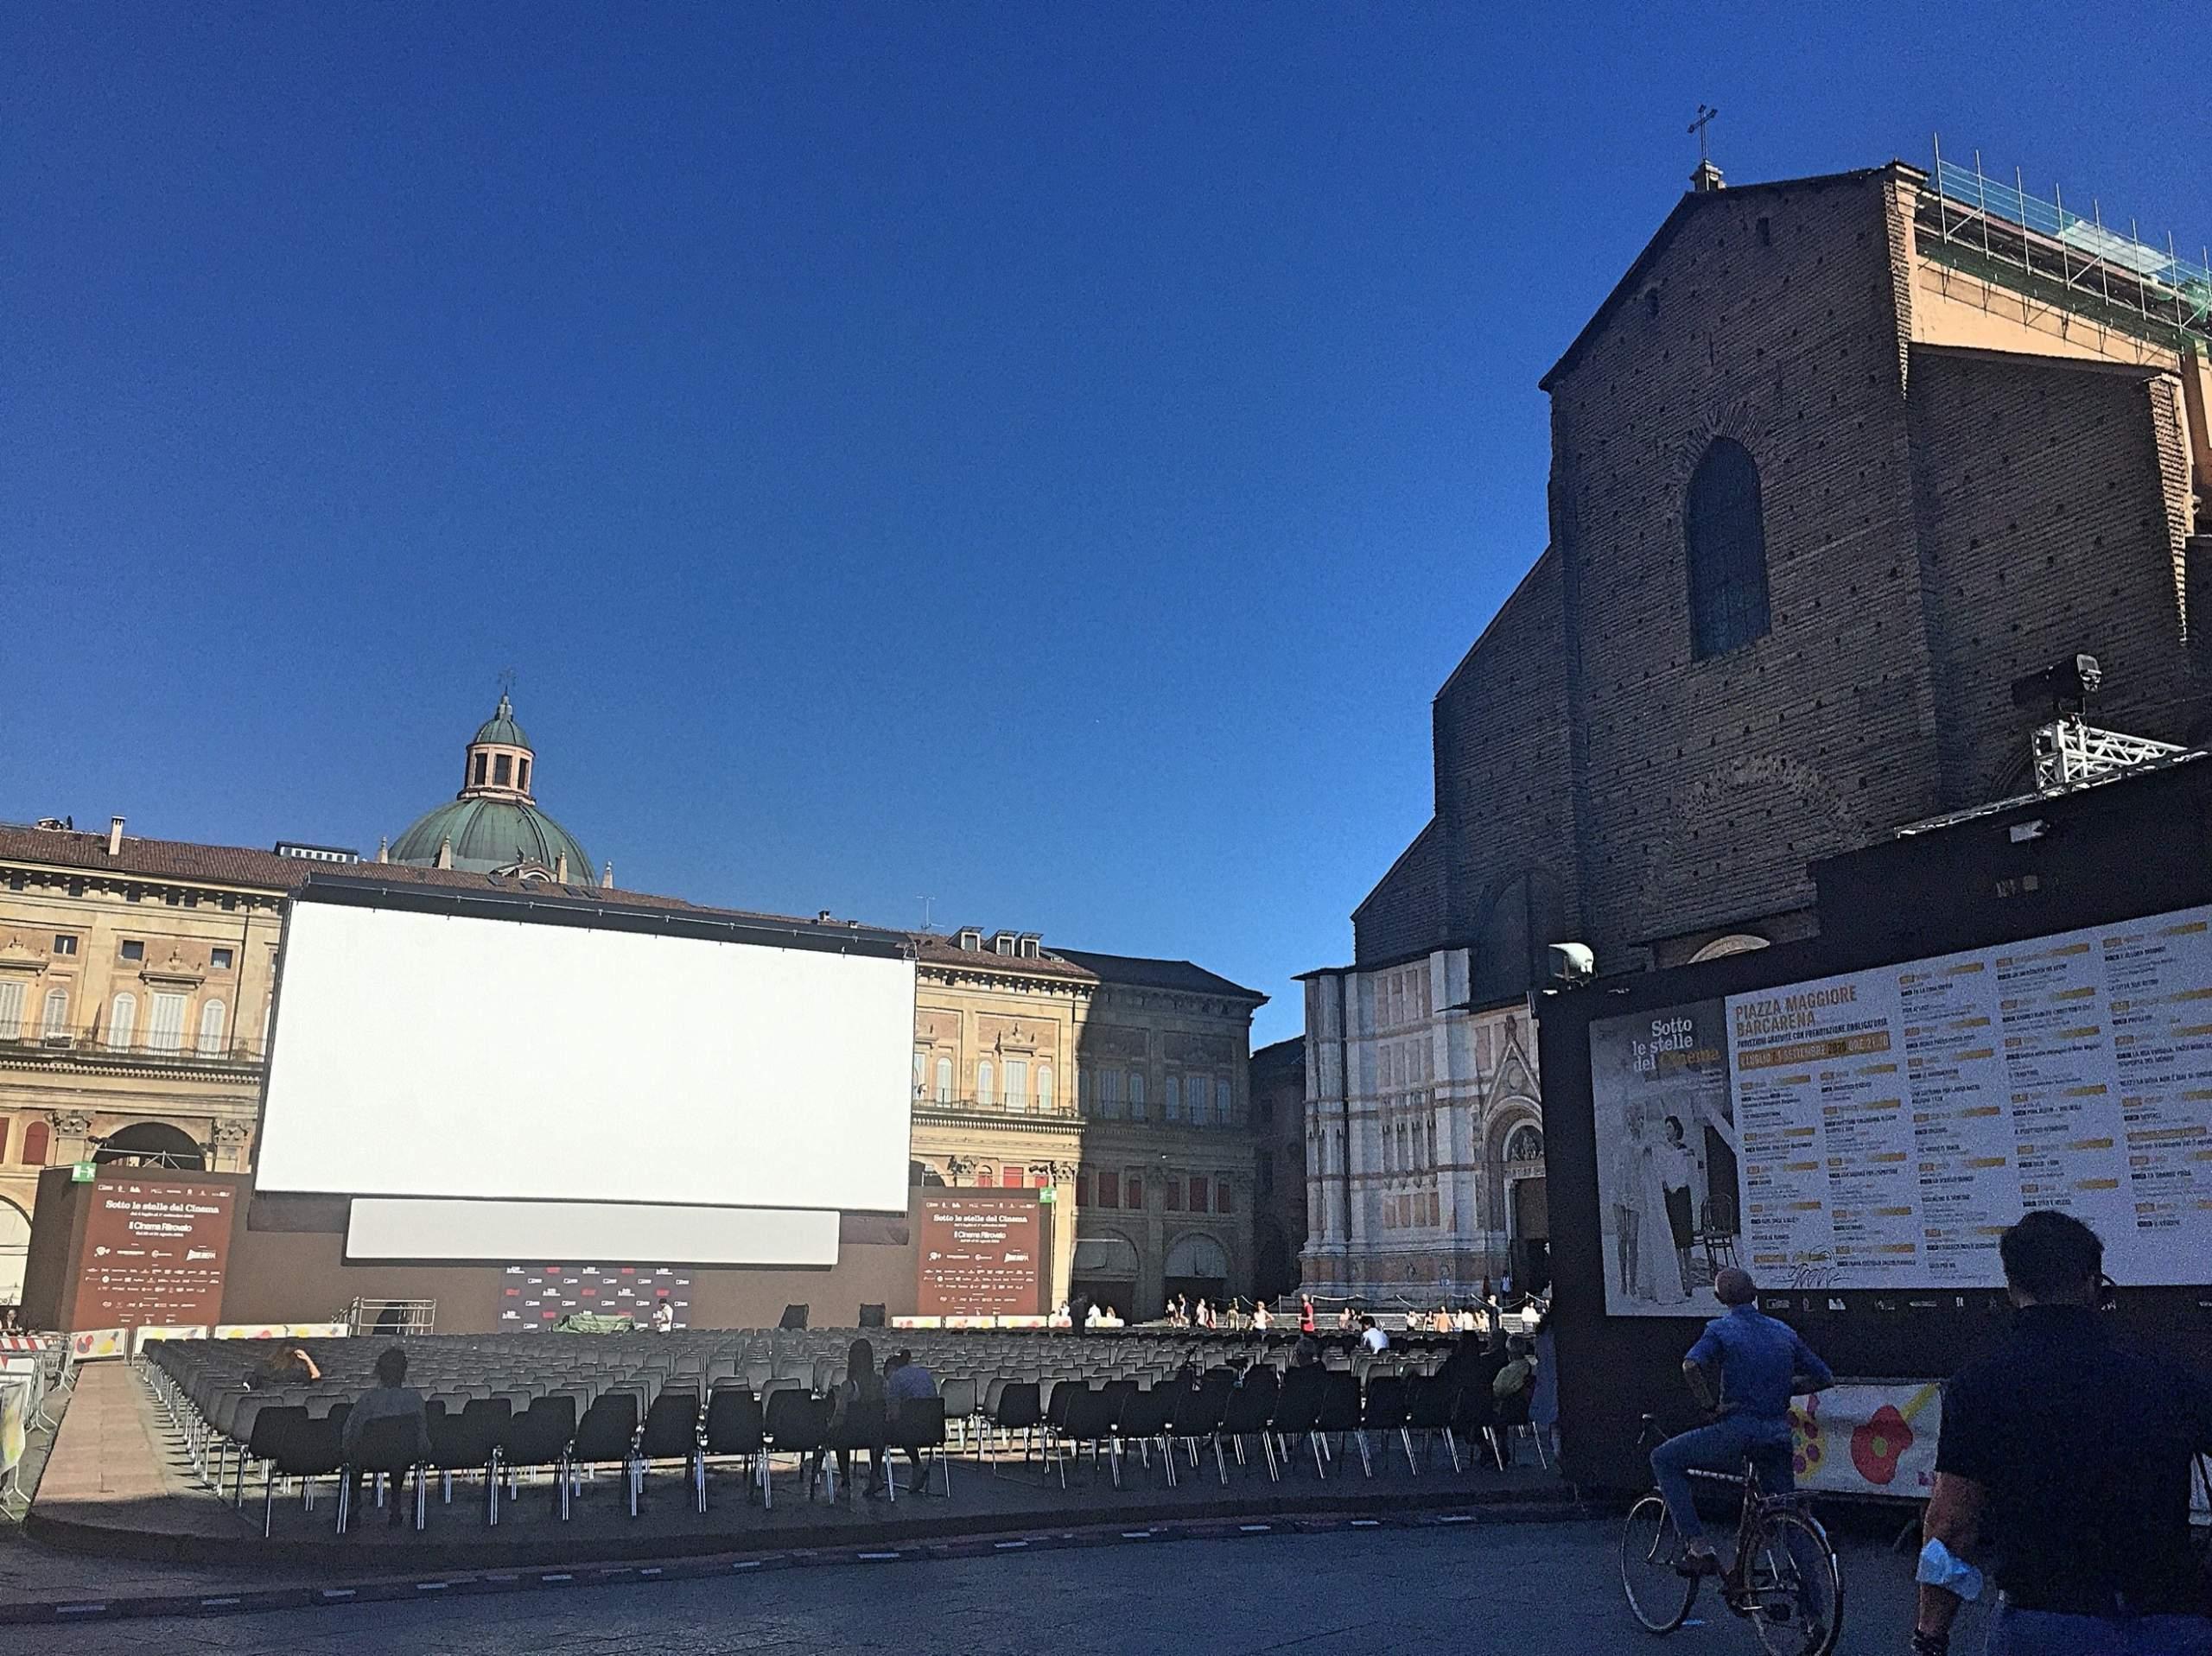 ボローニャ野外映画祭会場